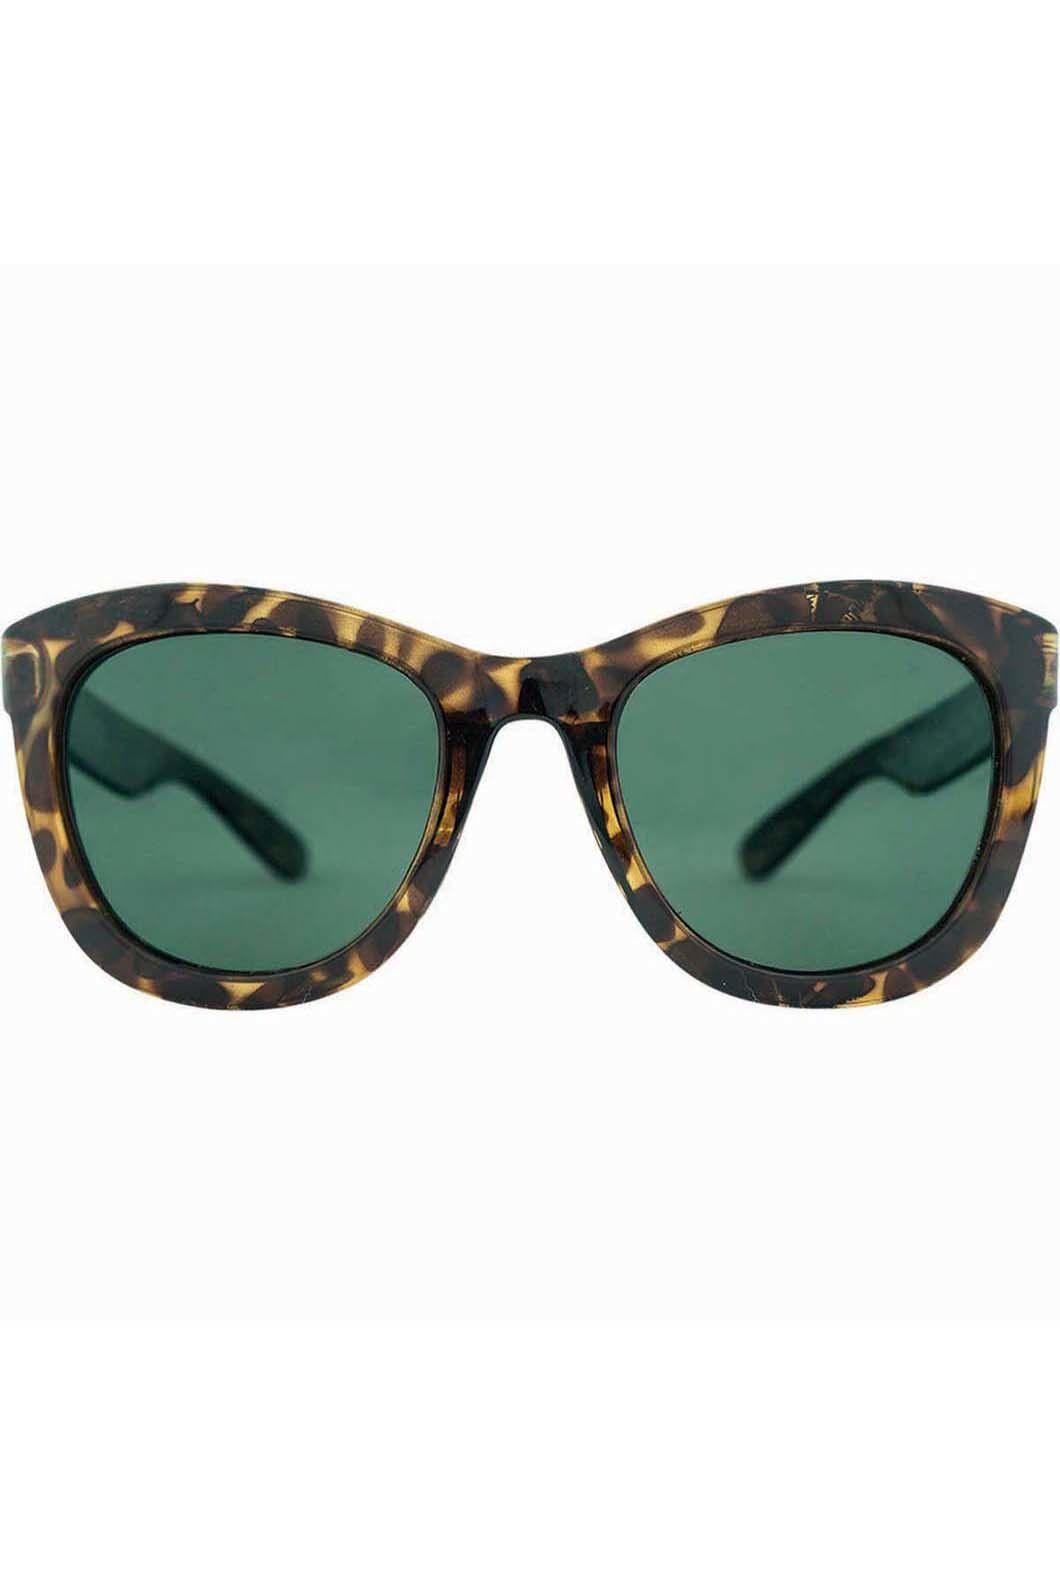 Venture Eyewear Women's Molakai Sunglasses, DEMI/G15, hi-res